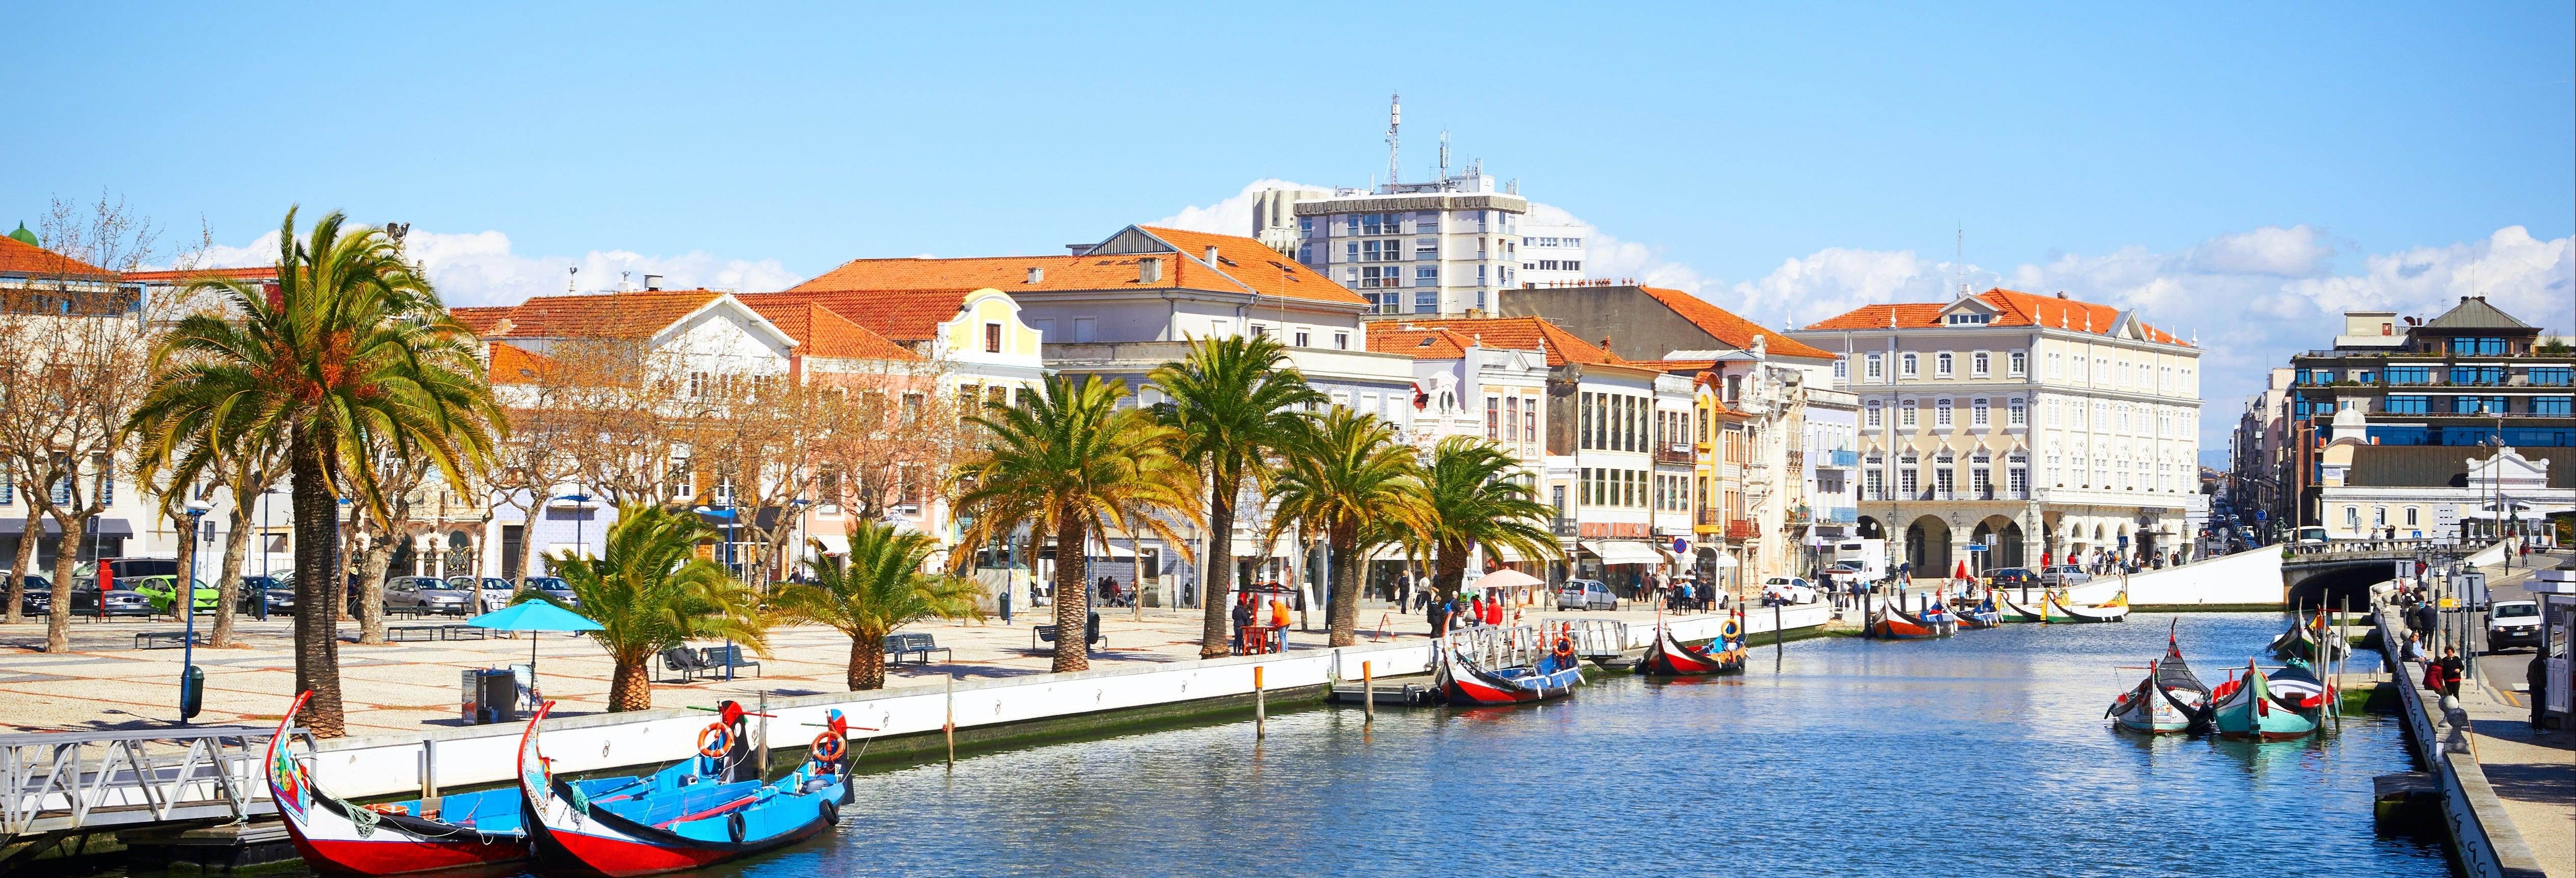 Tour por Costa Nova + Salinas + Paseo en barco moliceiro